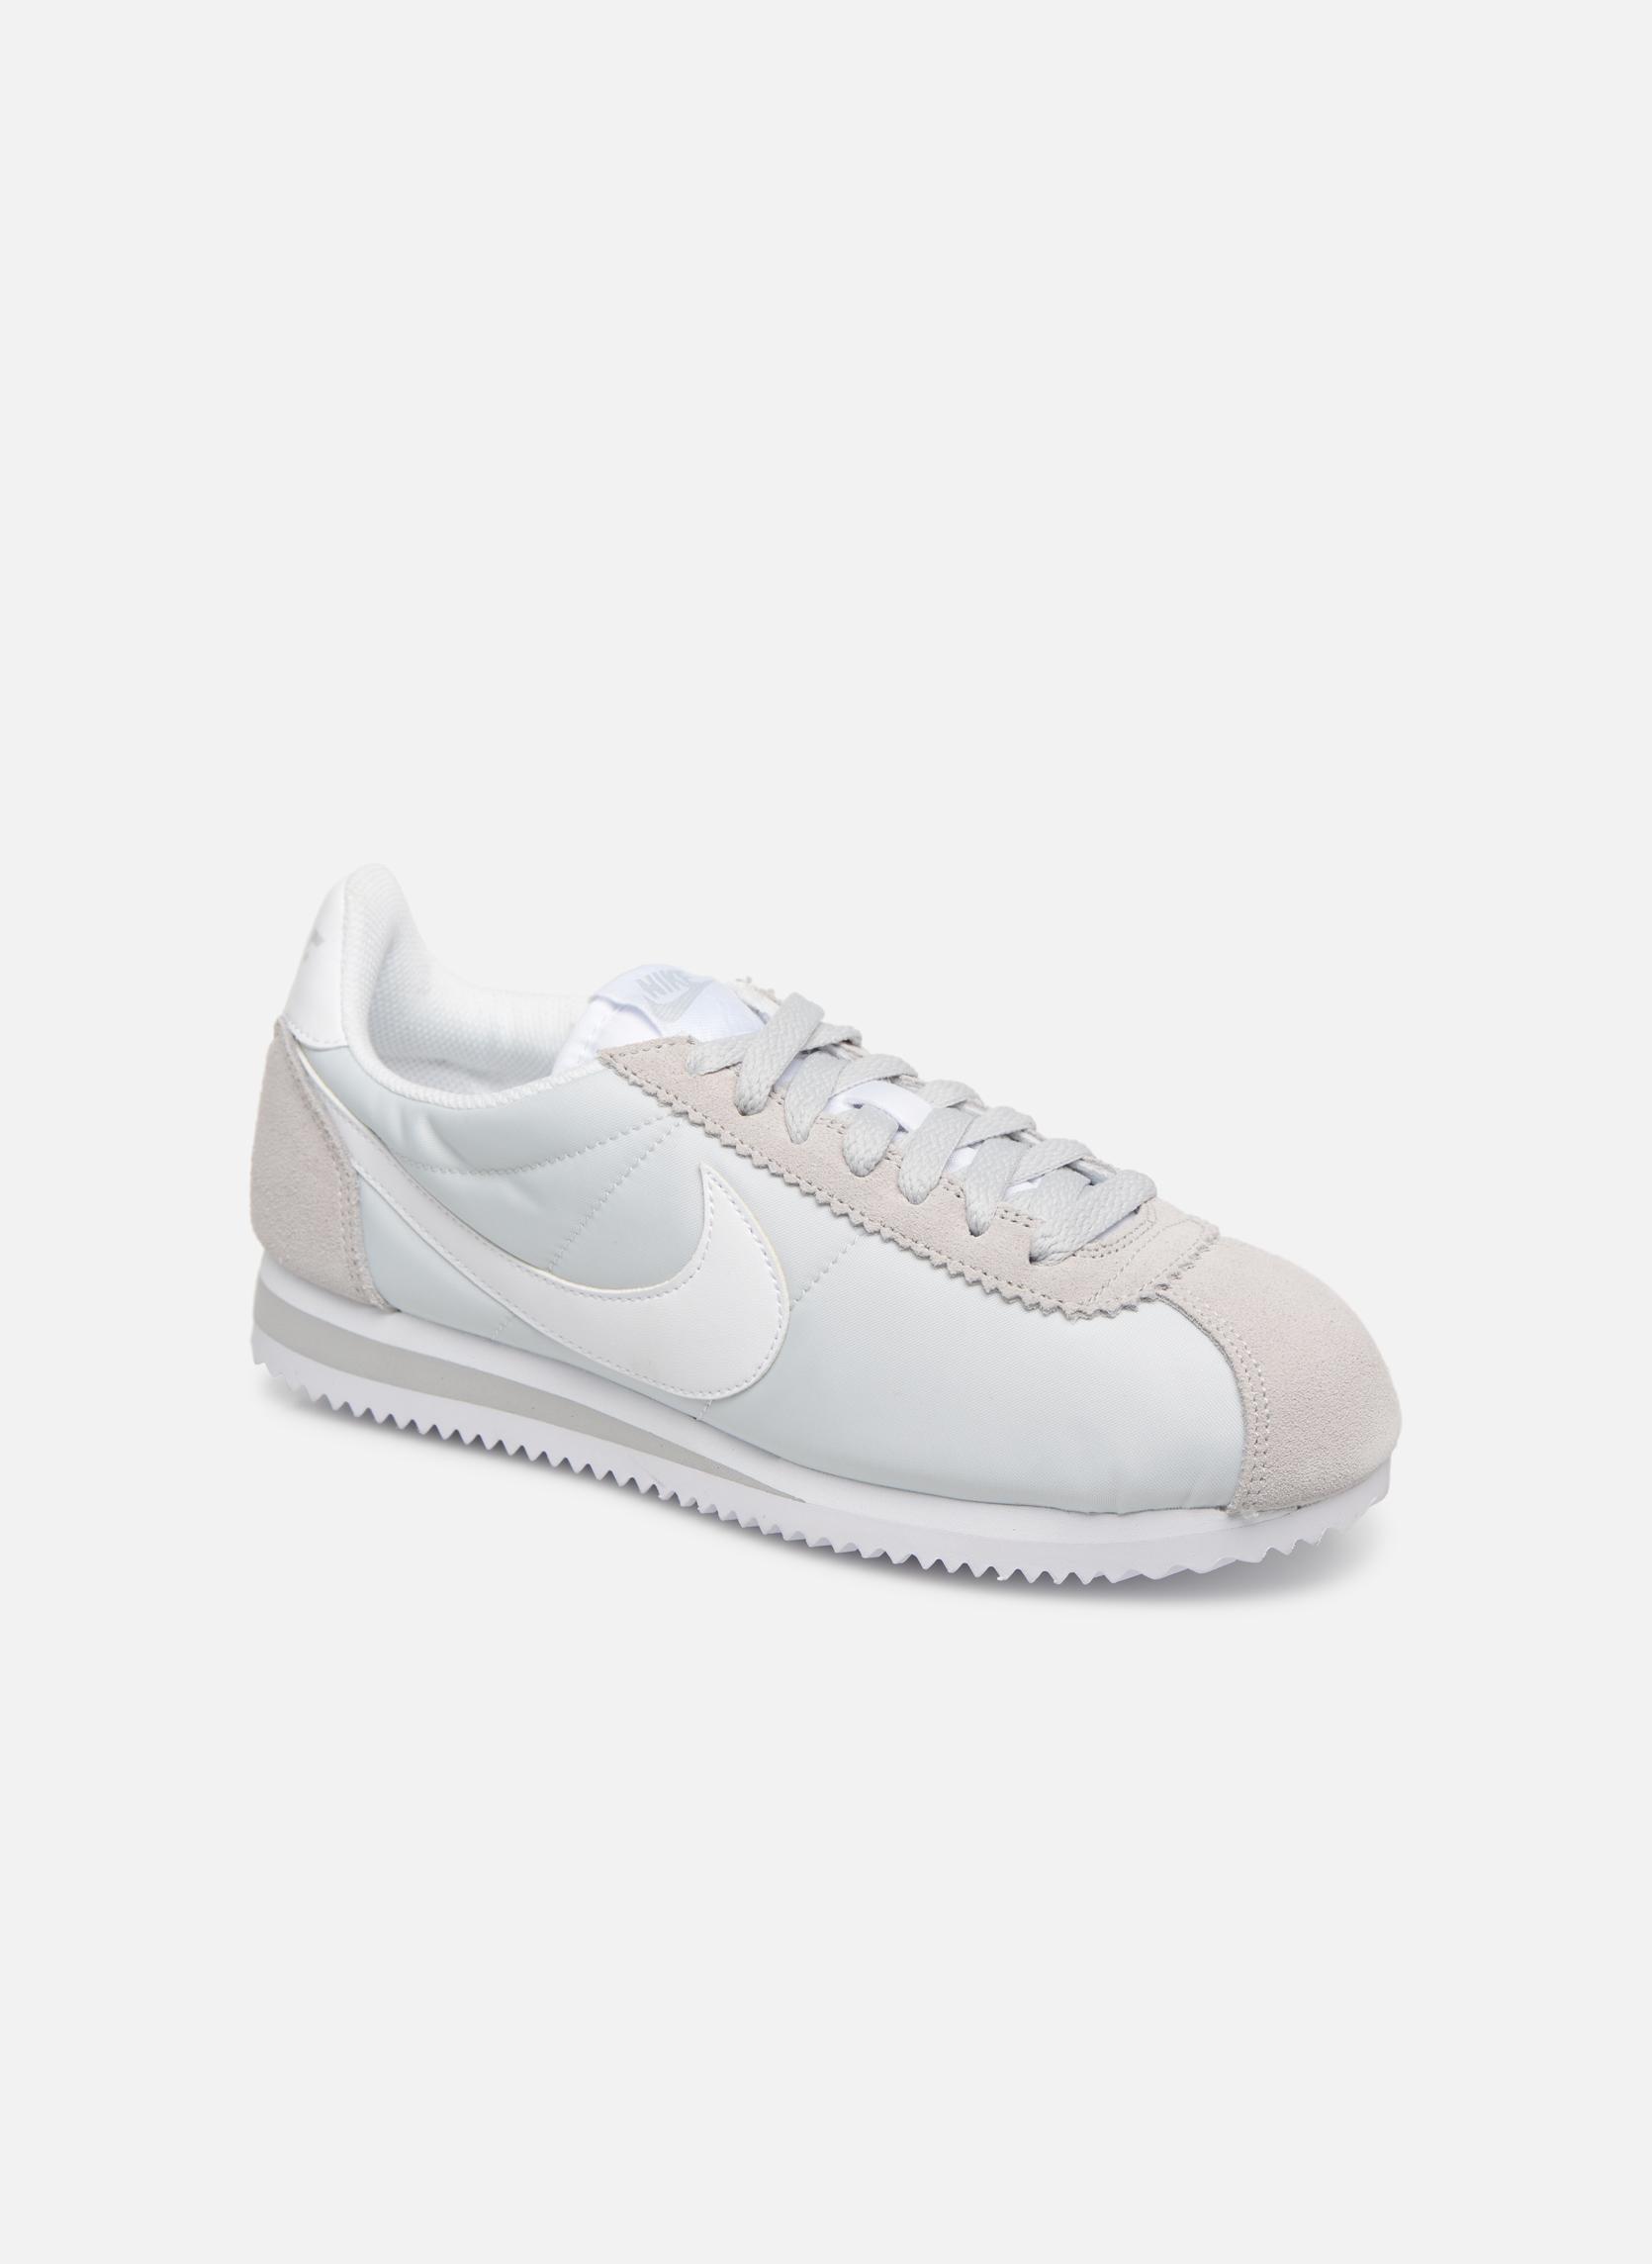 Grandes descuentos últimos zapatos Nike Wmns Classic Cortez Nylon (Gris) - Deportivas Descuento